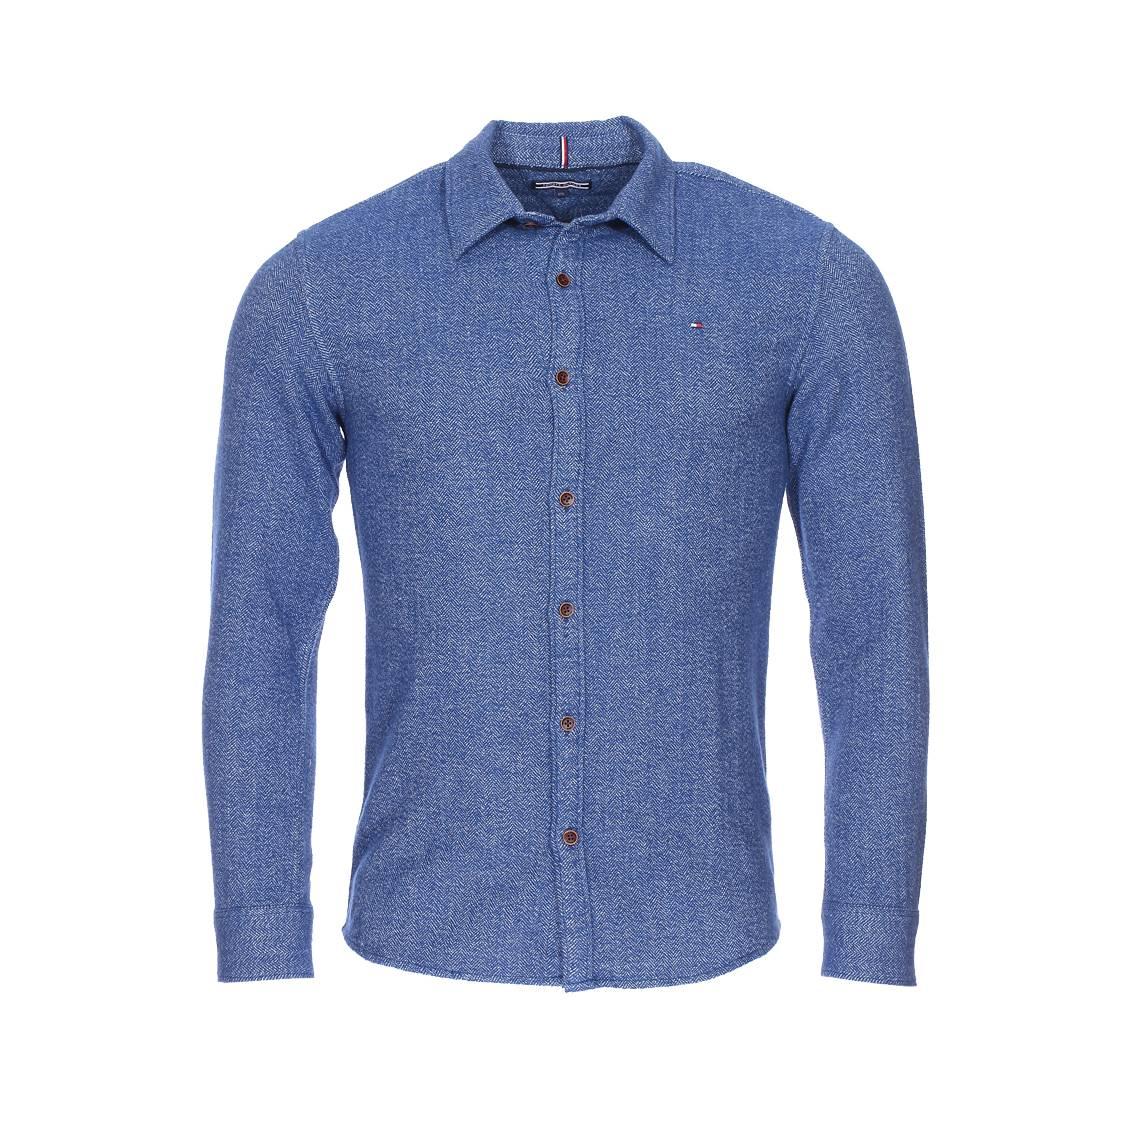 Chemise ajustée Tommy Hilfiger Junior en coton à chevrons bleu indigo et blancs